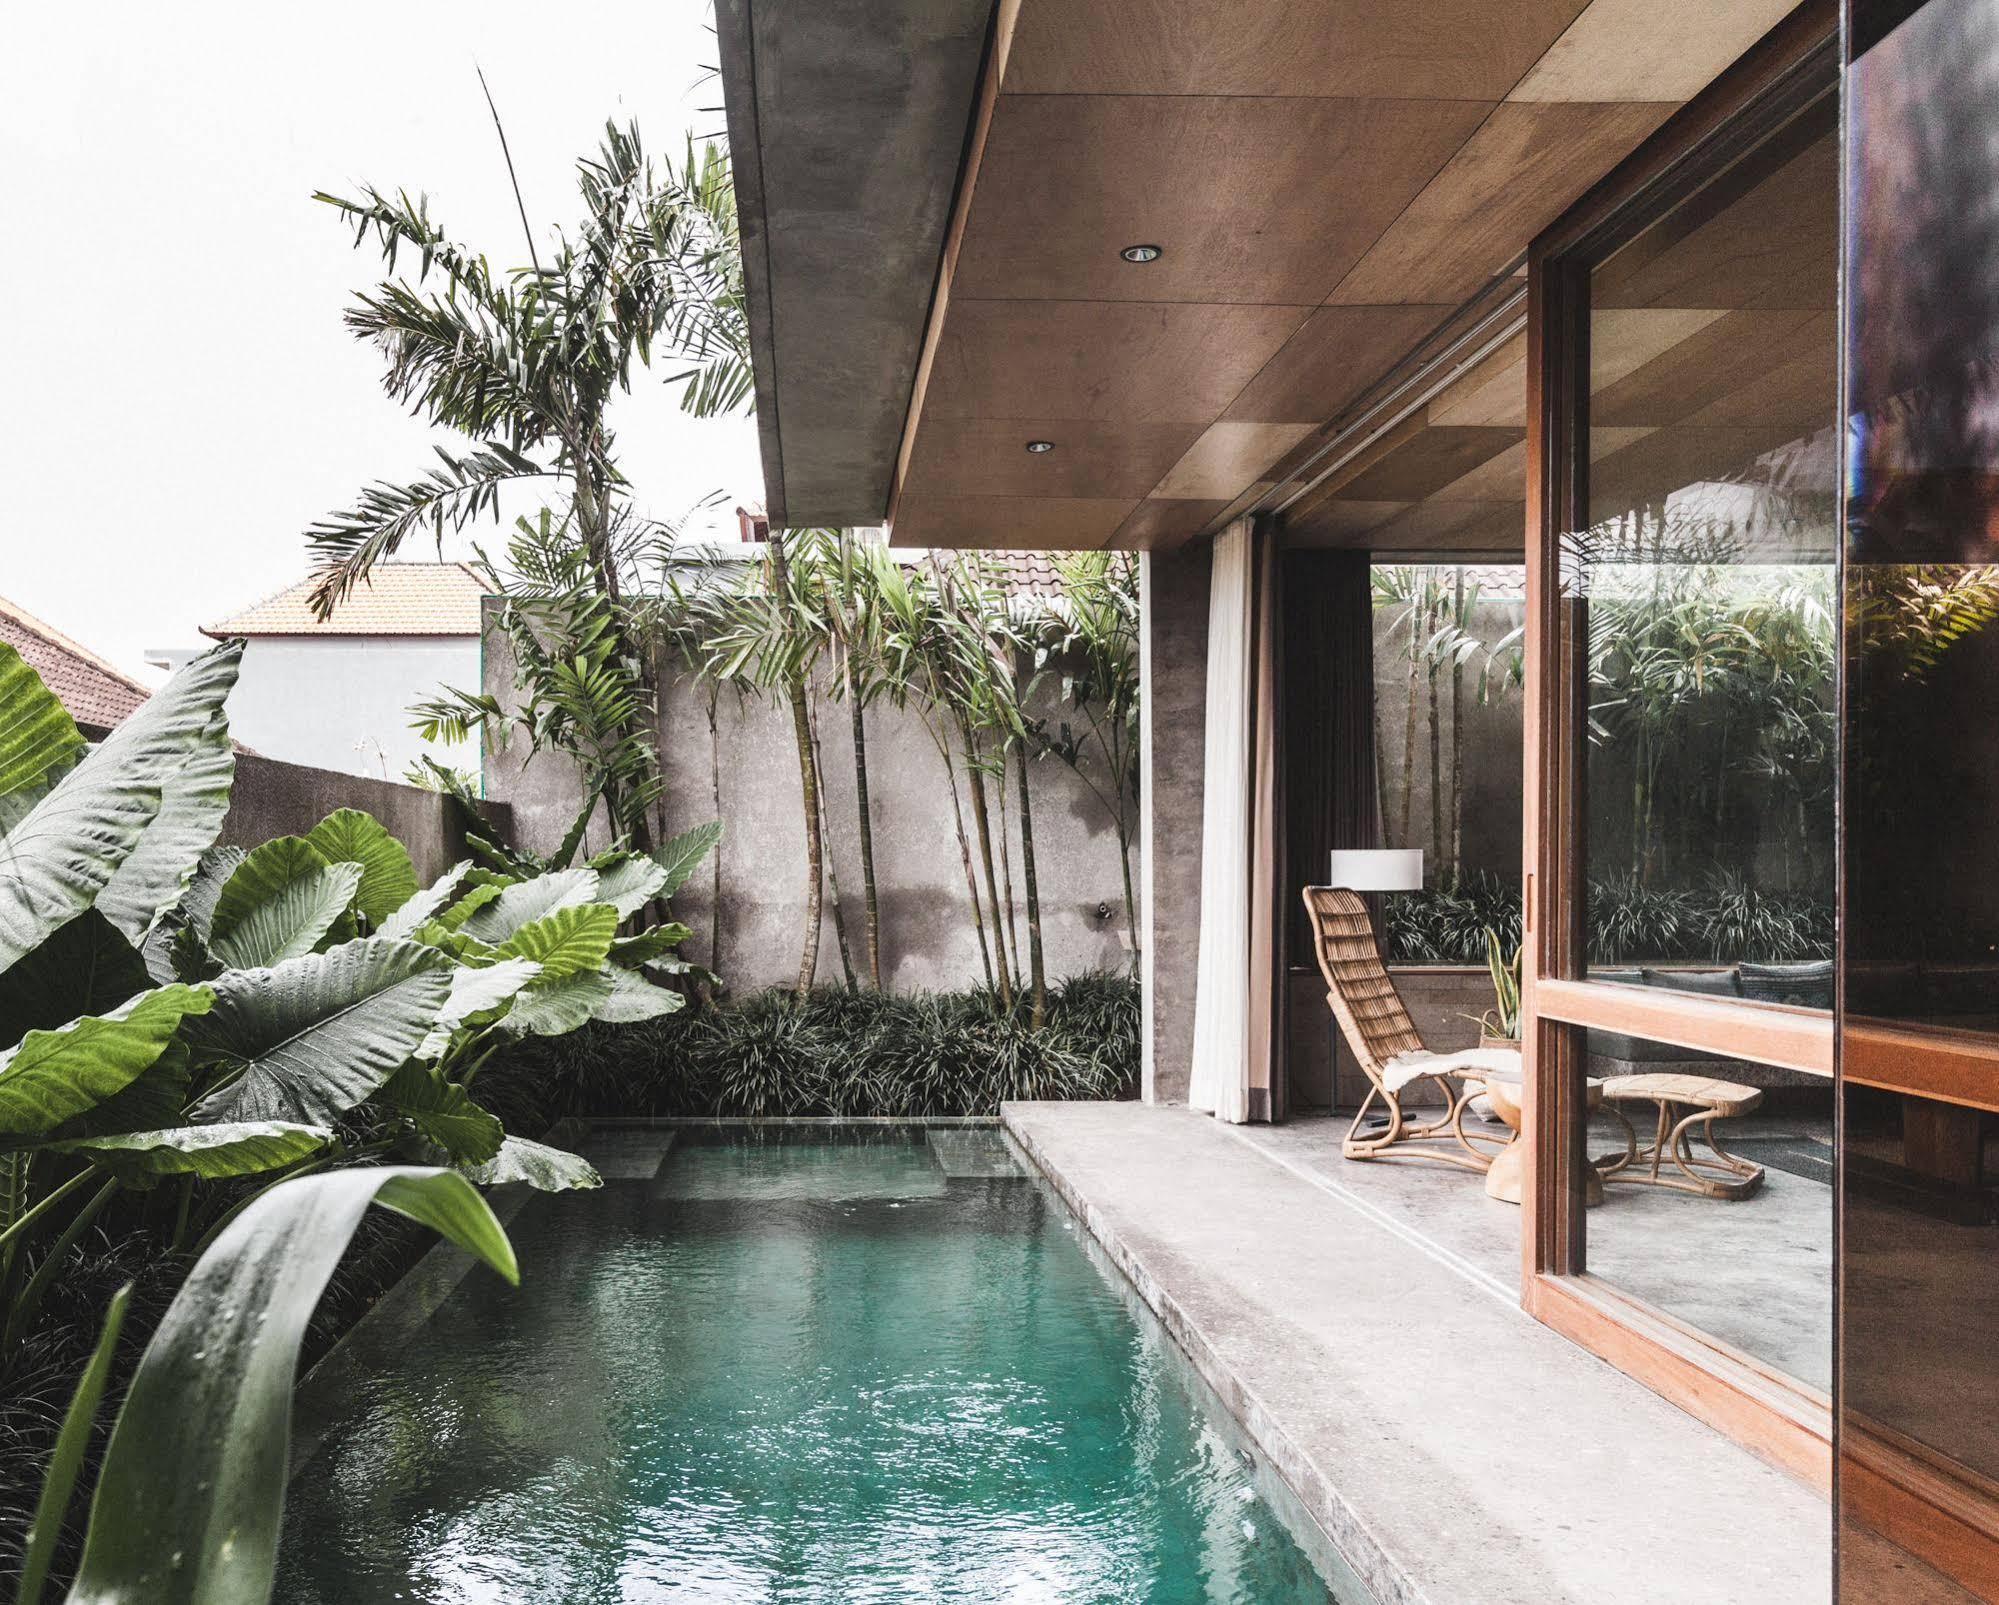 The Slow, Kerobokan, Bali Image 0